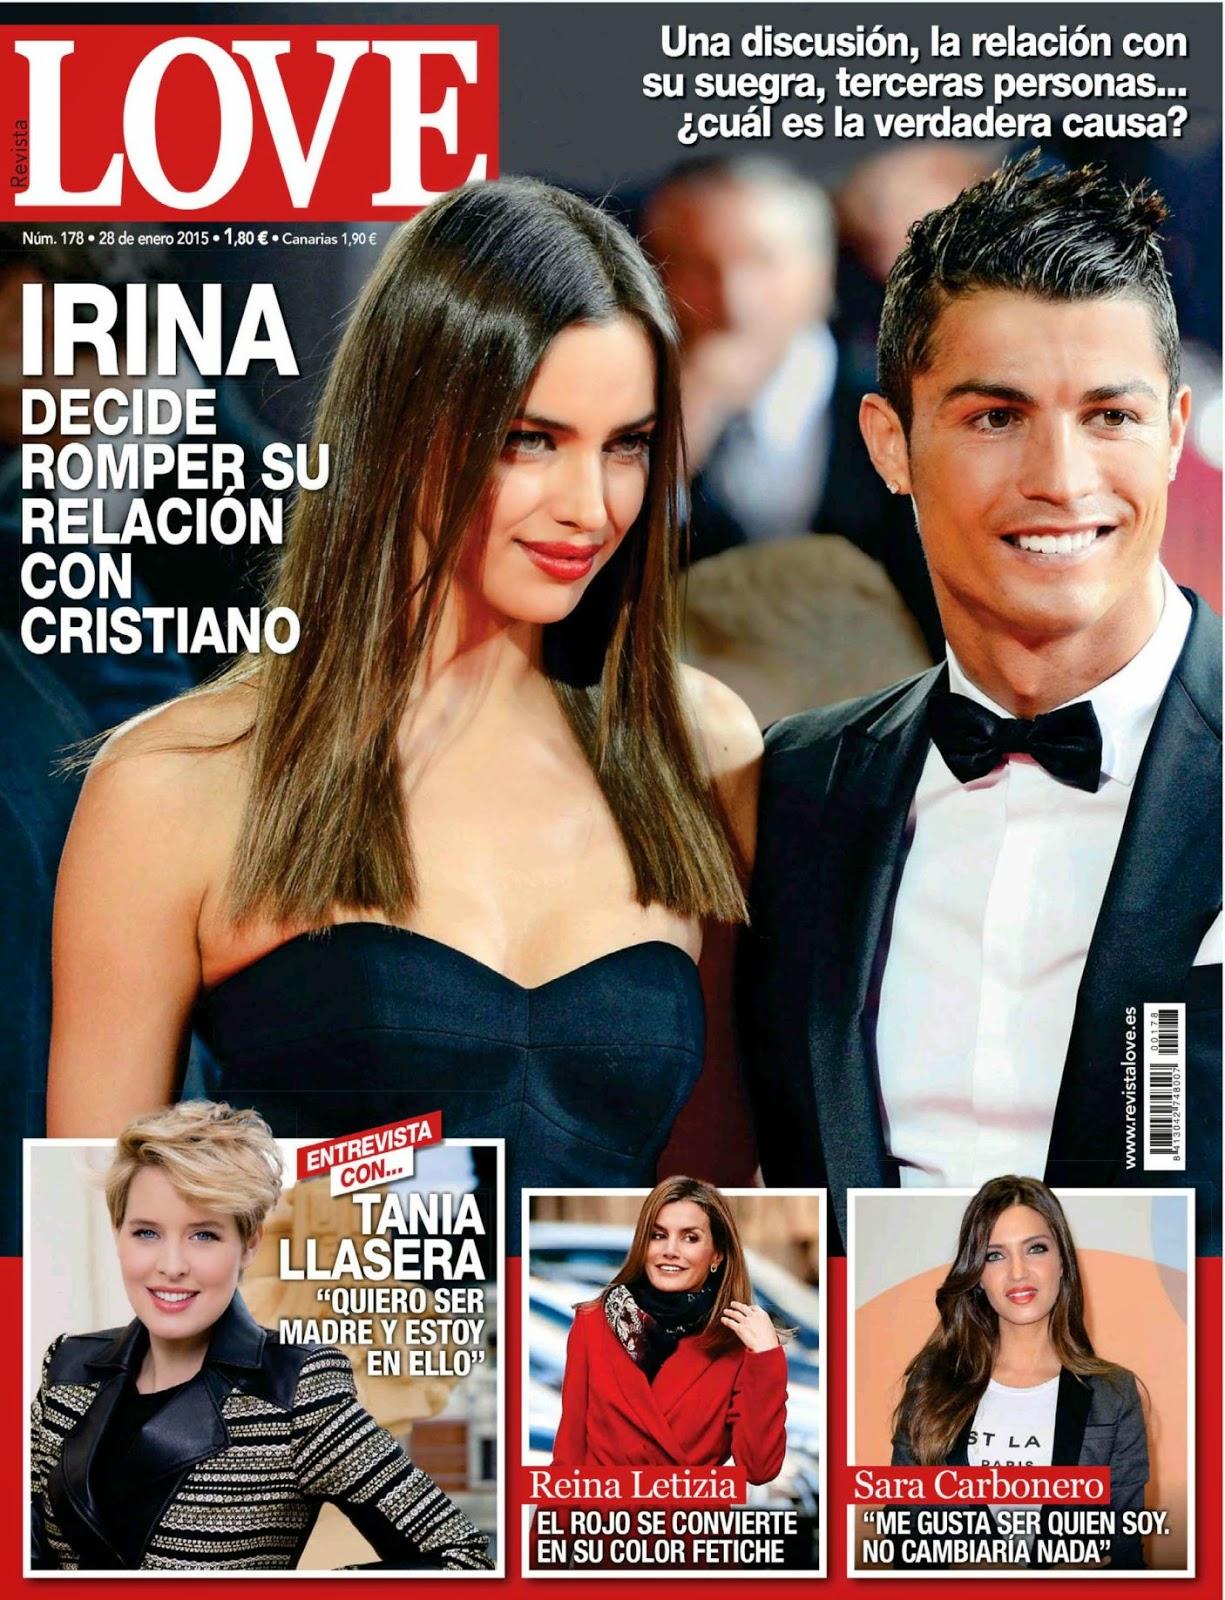 Fashion Model, Football Player: Irina Shayk &Cristiano Ronaldo For Love, Spain